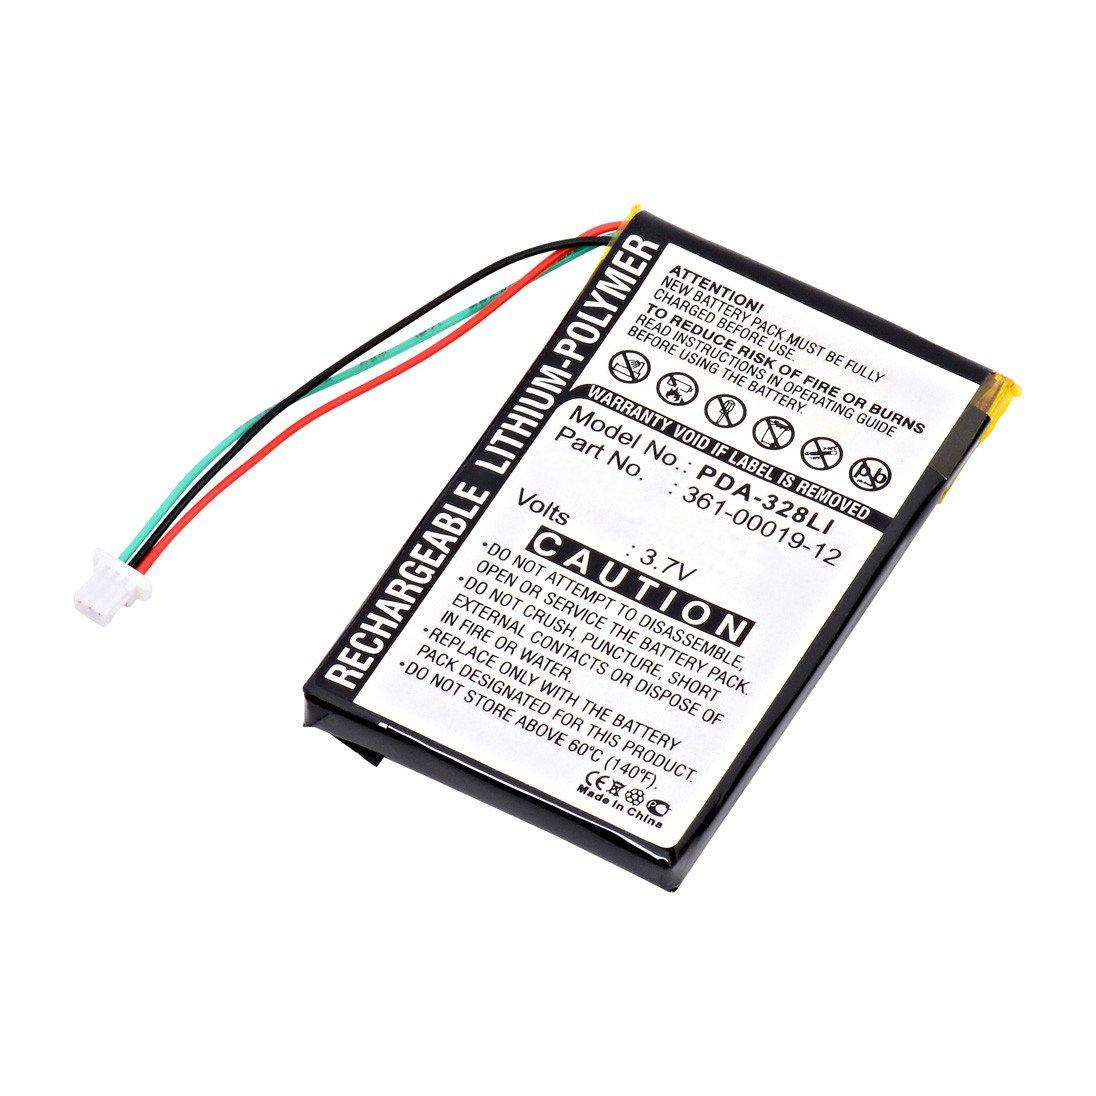 Replacement Garmin 361 12 Battery Batterymart